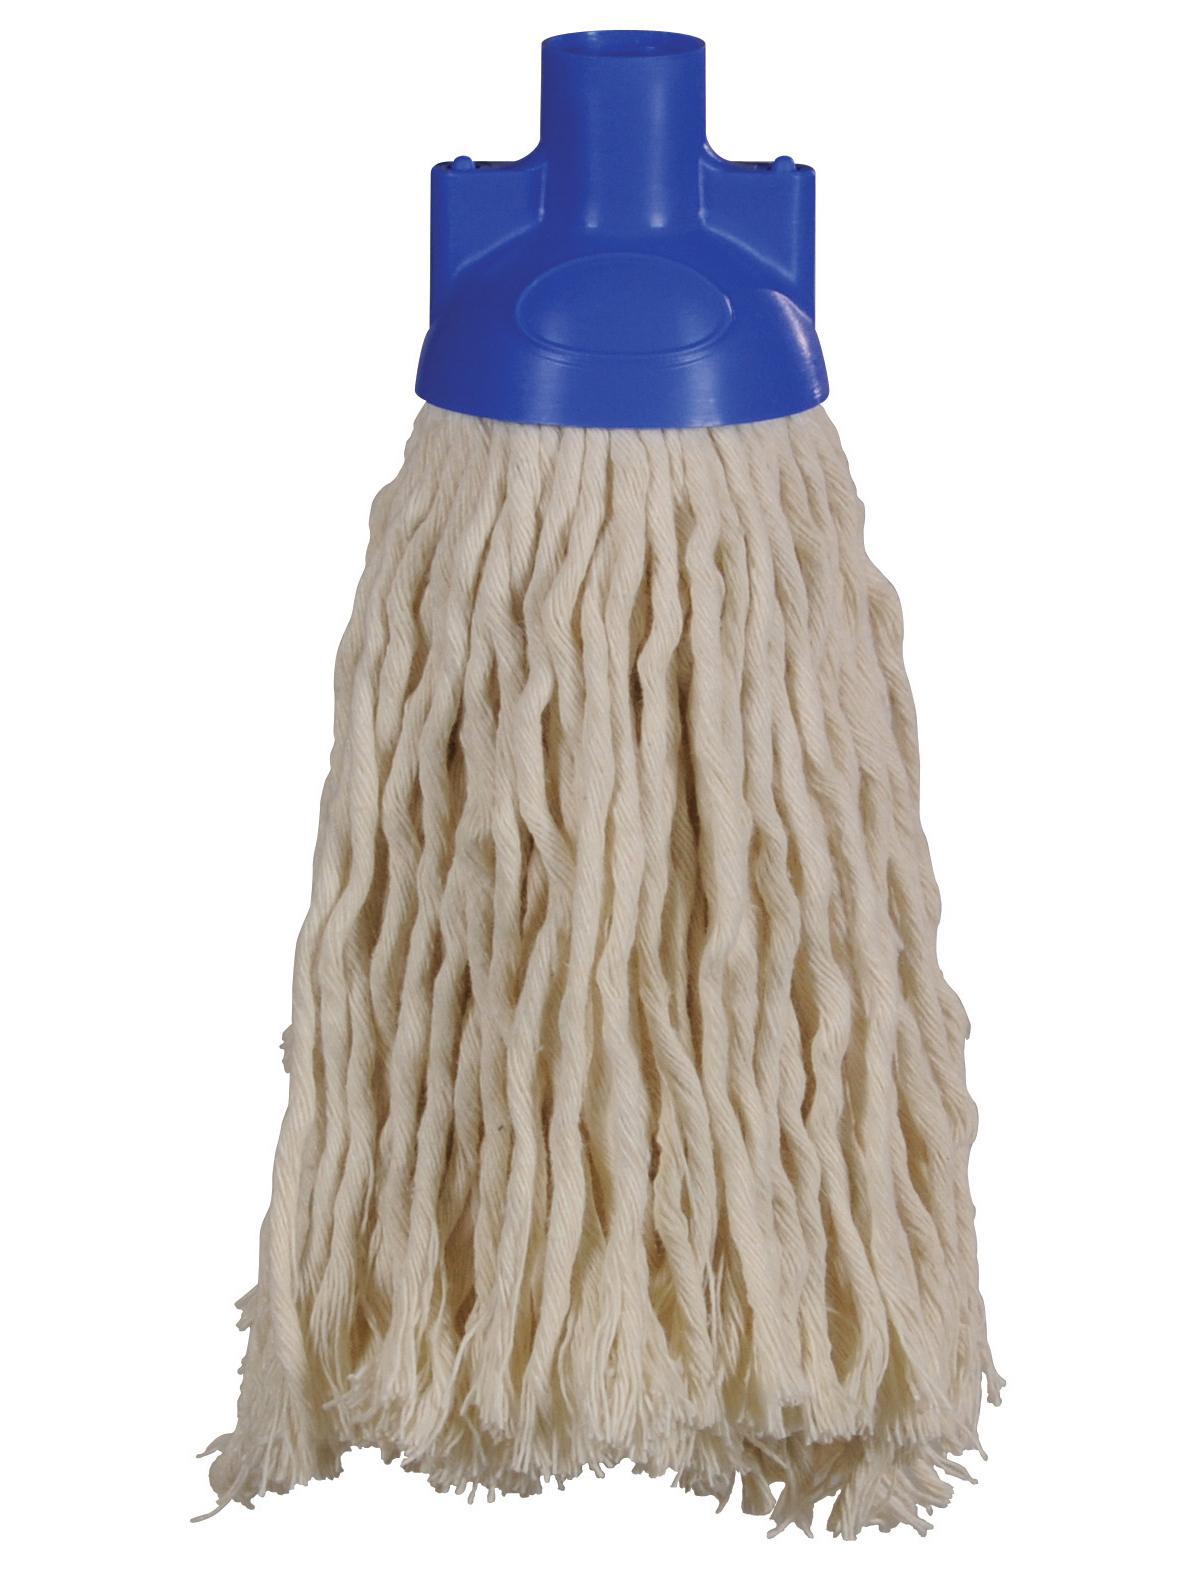 mop sznurkowy z gwintem